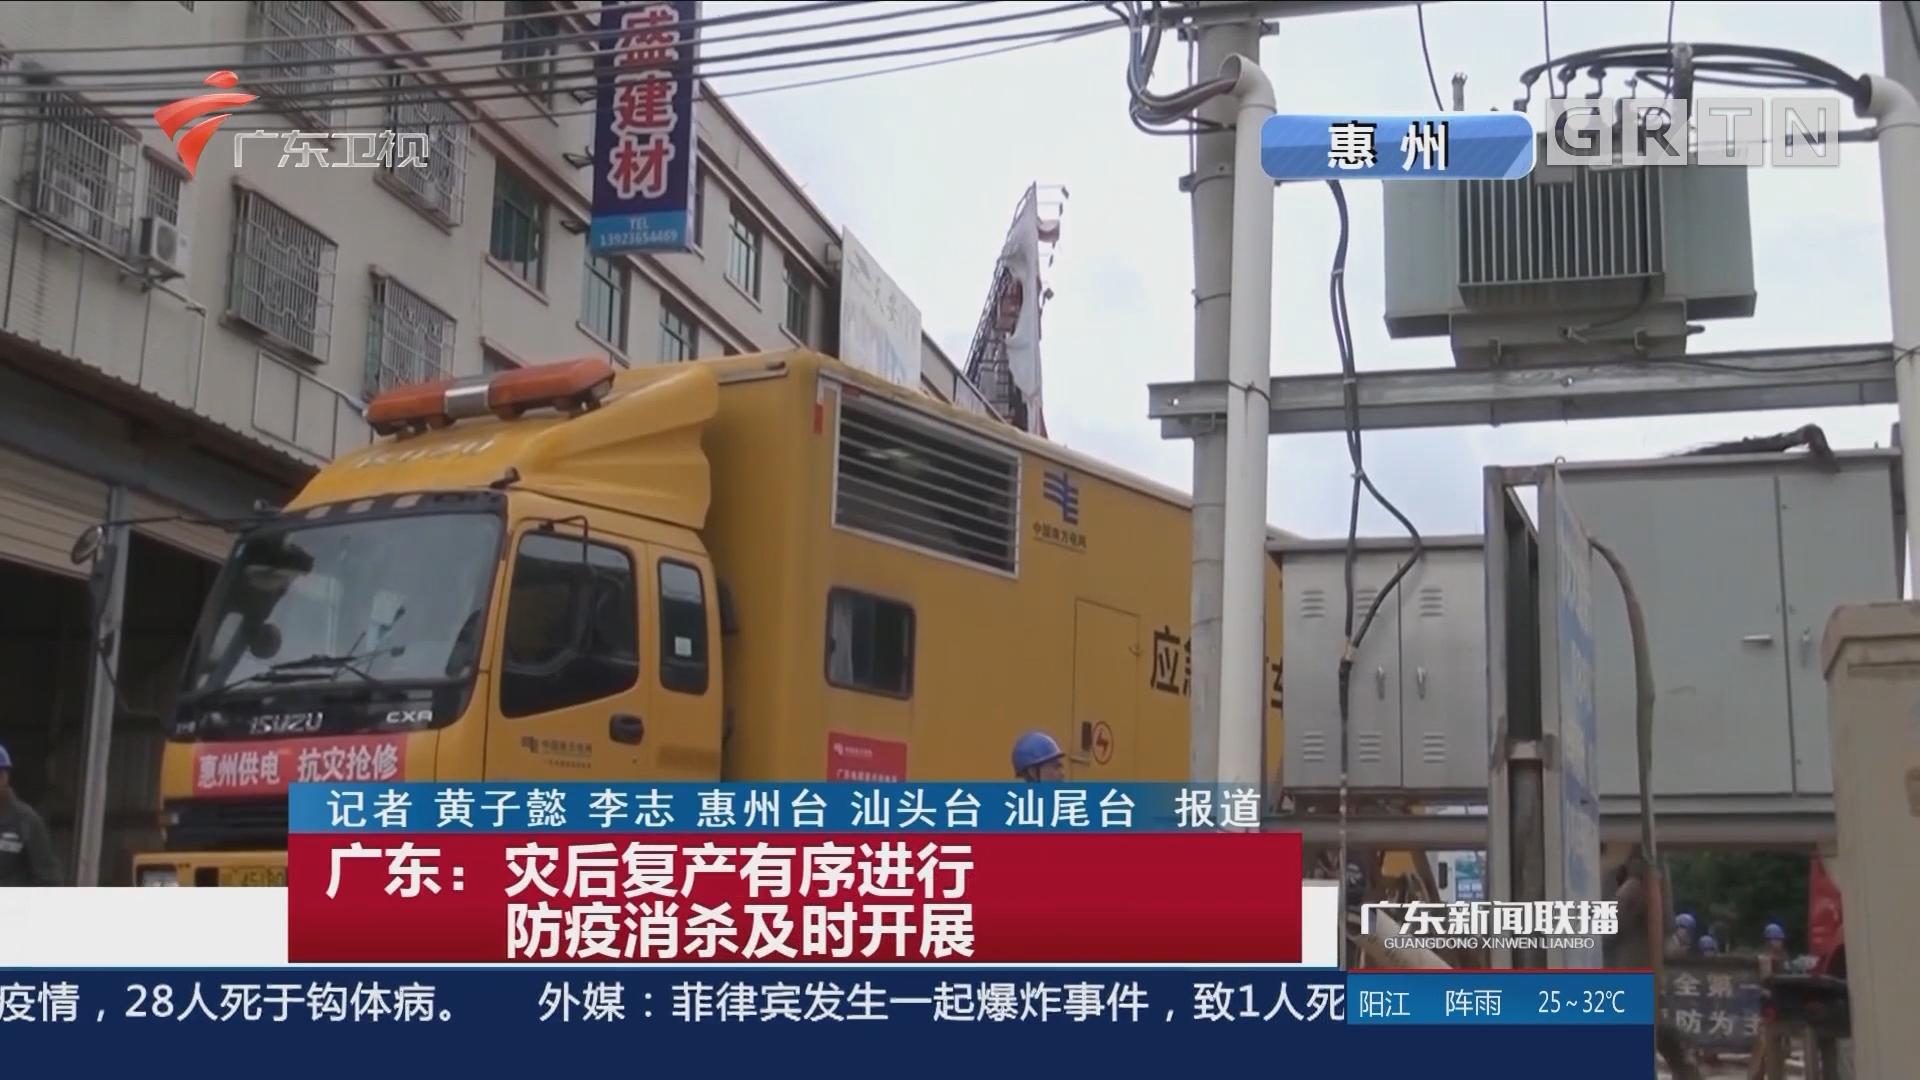 广东:灾后复产有序进行 防疫消杀及时开展